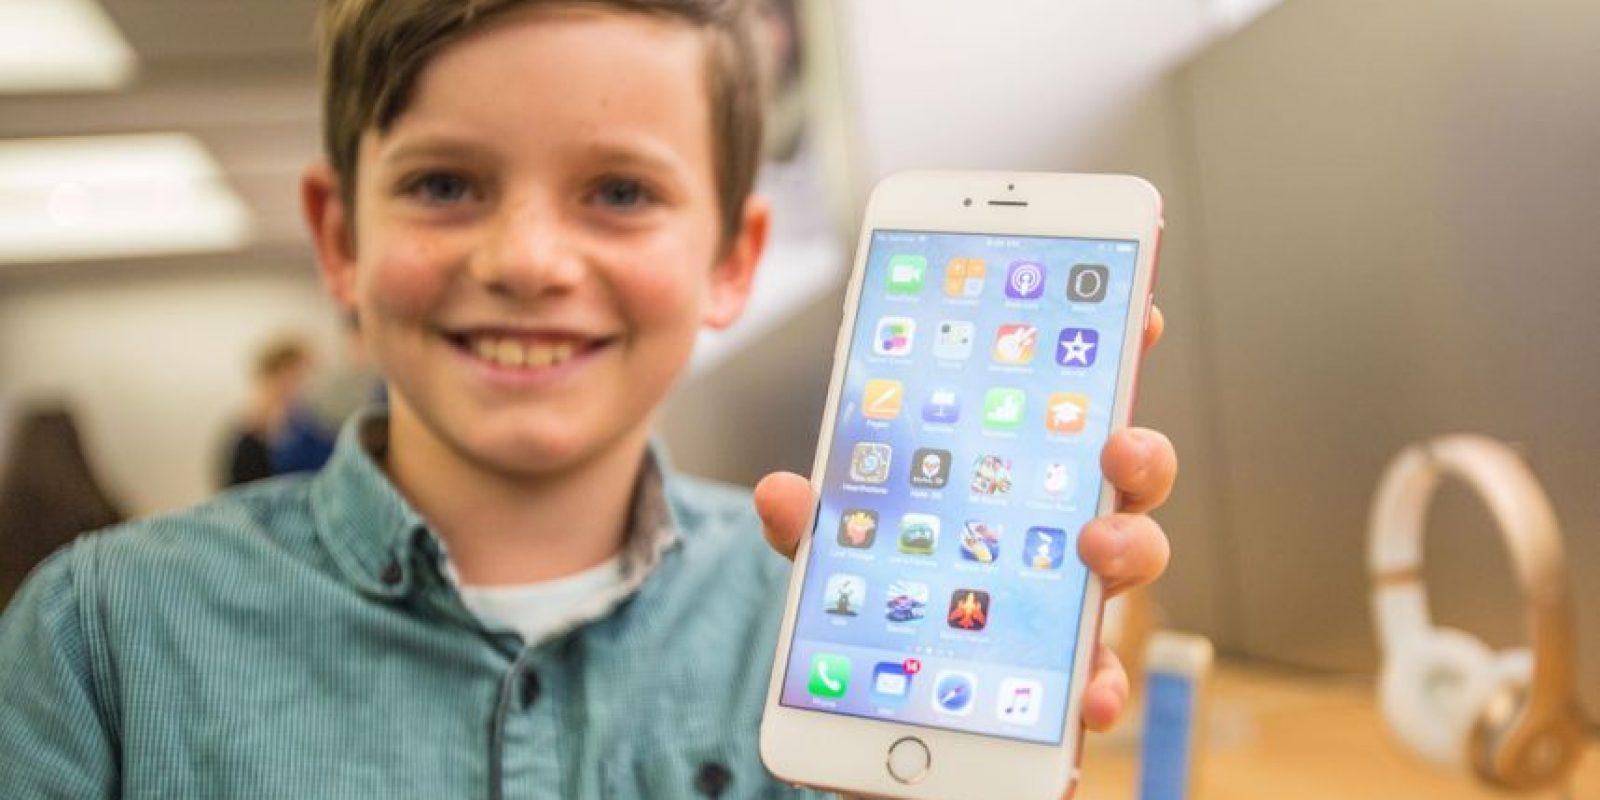 Por primera ocasión, Apple incorpora un sistema multitouch para detectar la intensidad con la que ejercen presión sobre la pantalla del teléfono inteligente. Es de gran utilidad para ingresar a menús, vistas previas de contenido, entre muchas acciones más. Foto:Getty Images